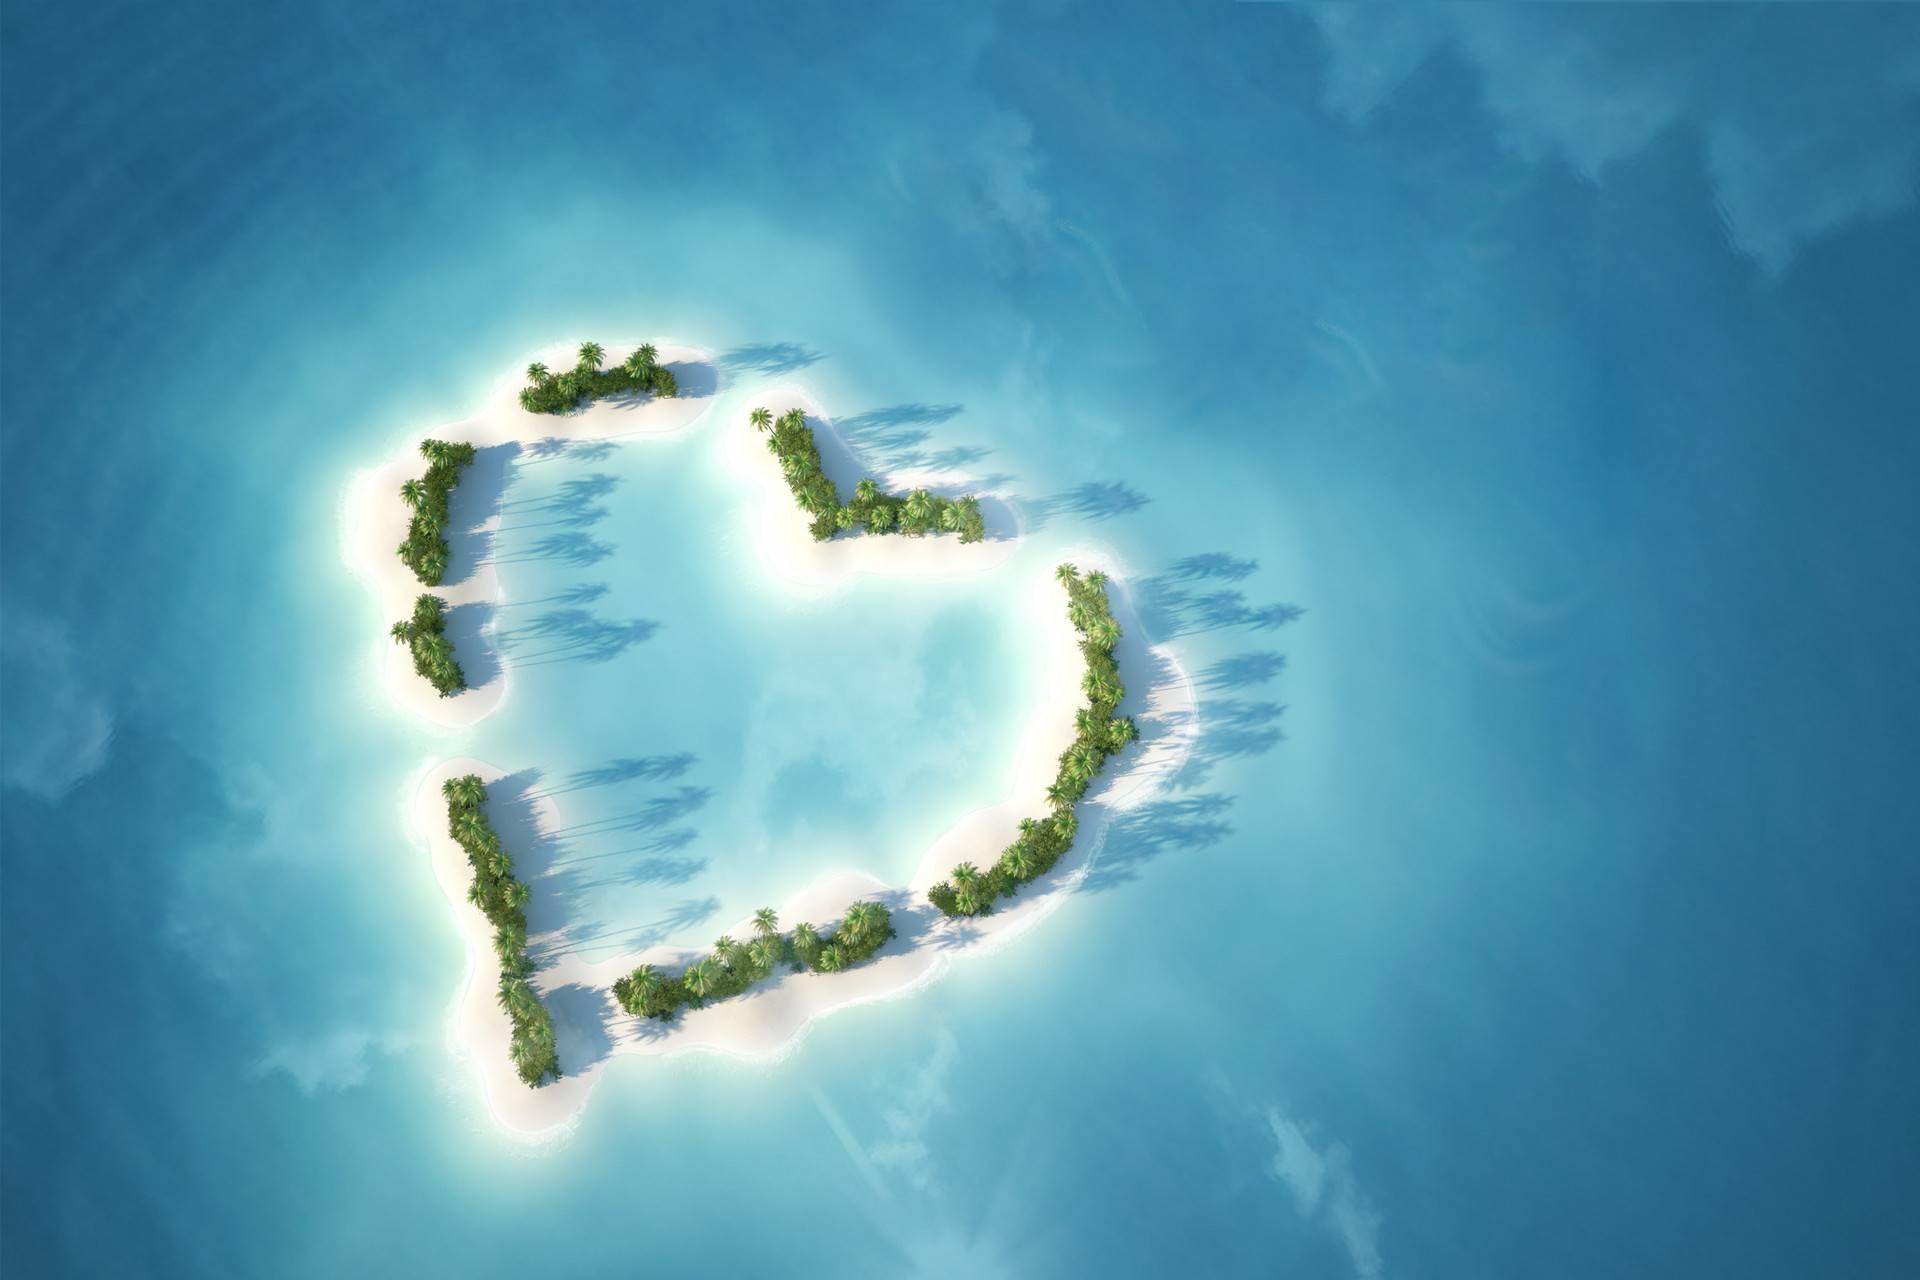 澳洲·大堡礁+海豚岛+黄金海岸·9天7晚